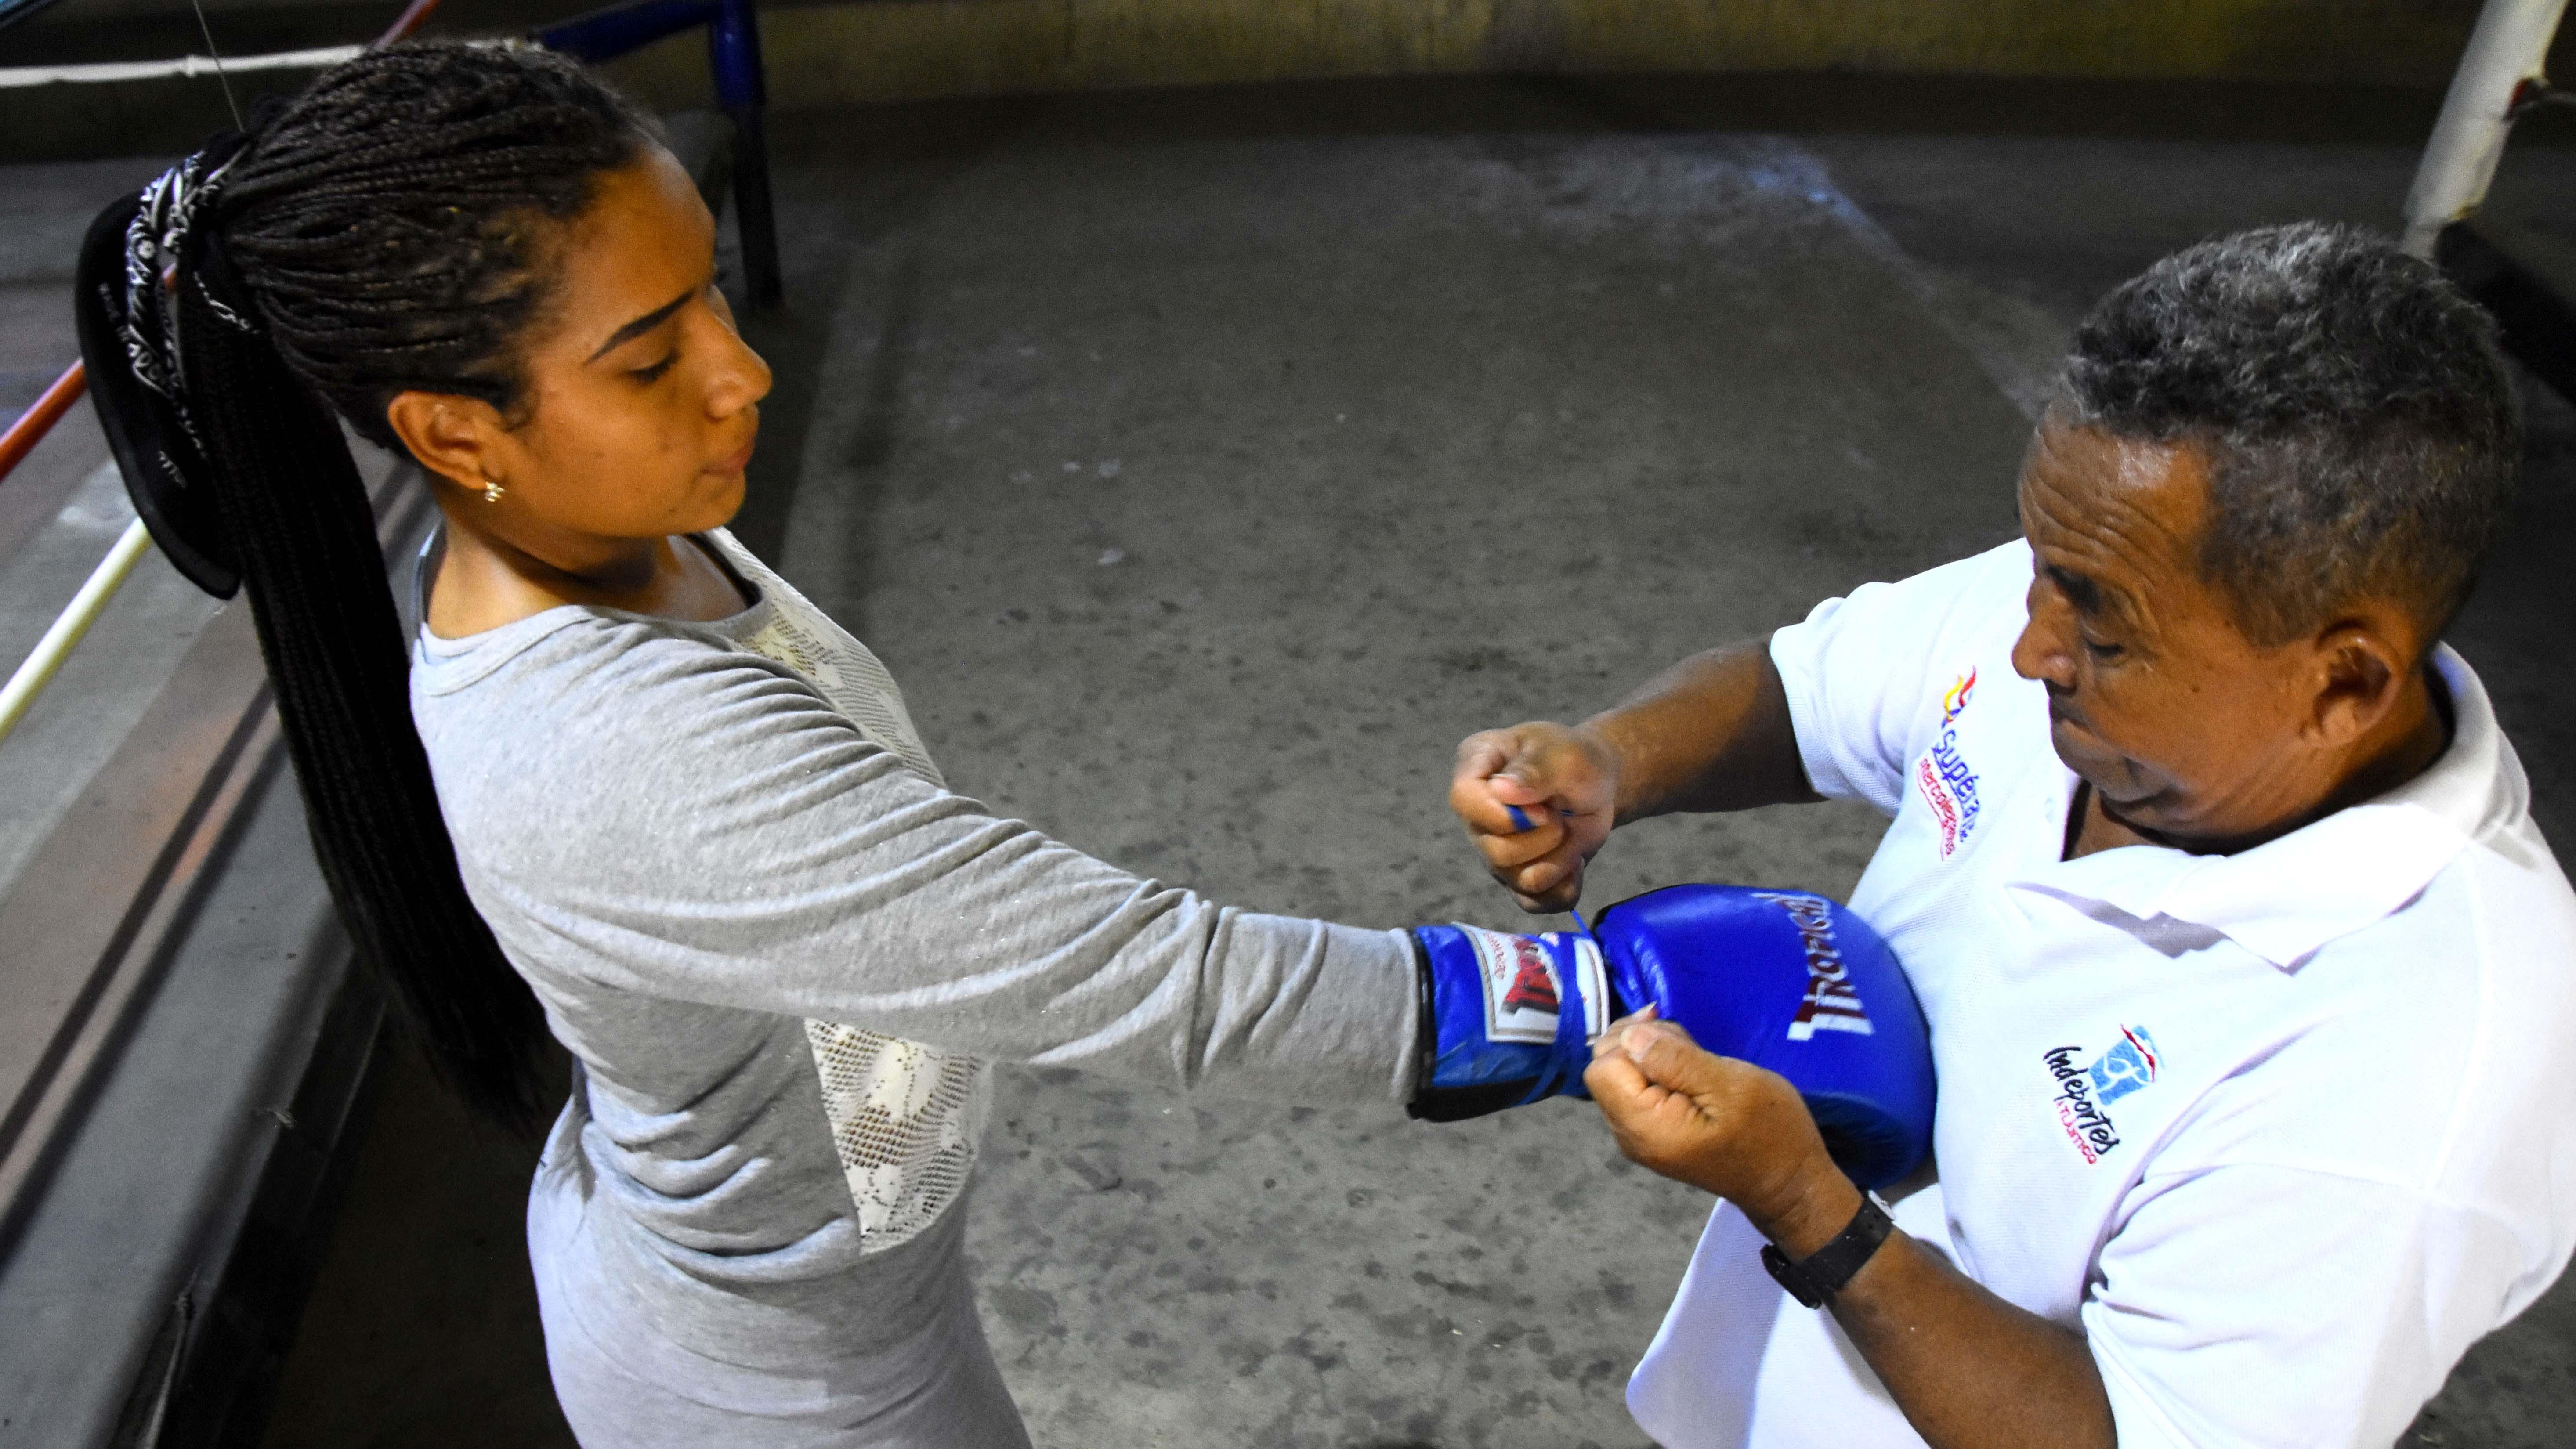 El entrenador Carlos Ramos alistando a su pupila Shirleidis Orozco para una nueva sesión de guanteo.